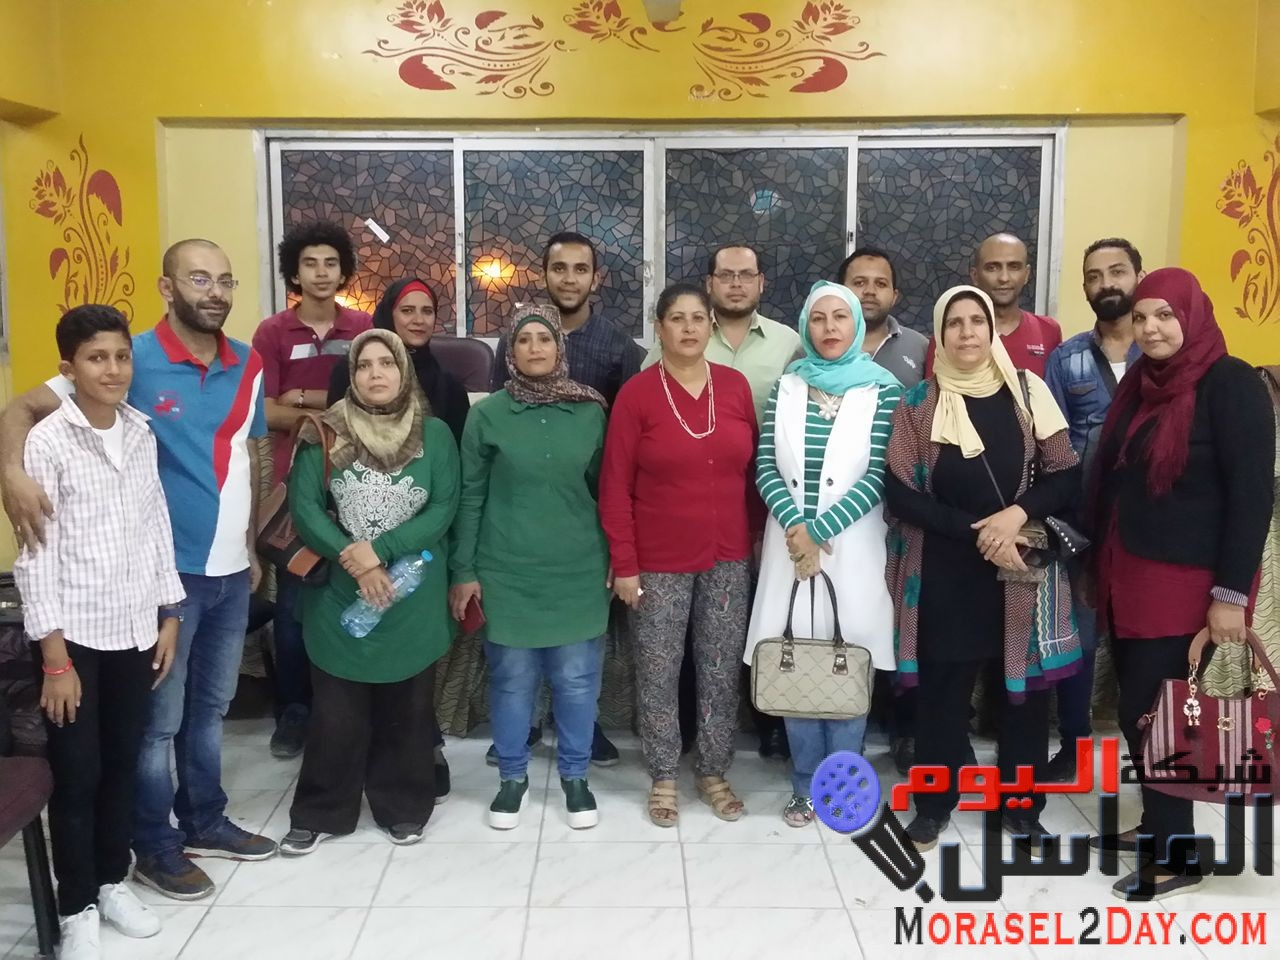 ســمـك: تصفيات هواة المسرح بالقاهرة تضم ٩ فرق مسرحية